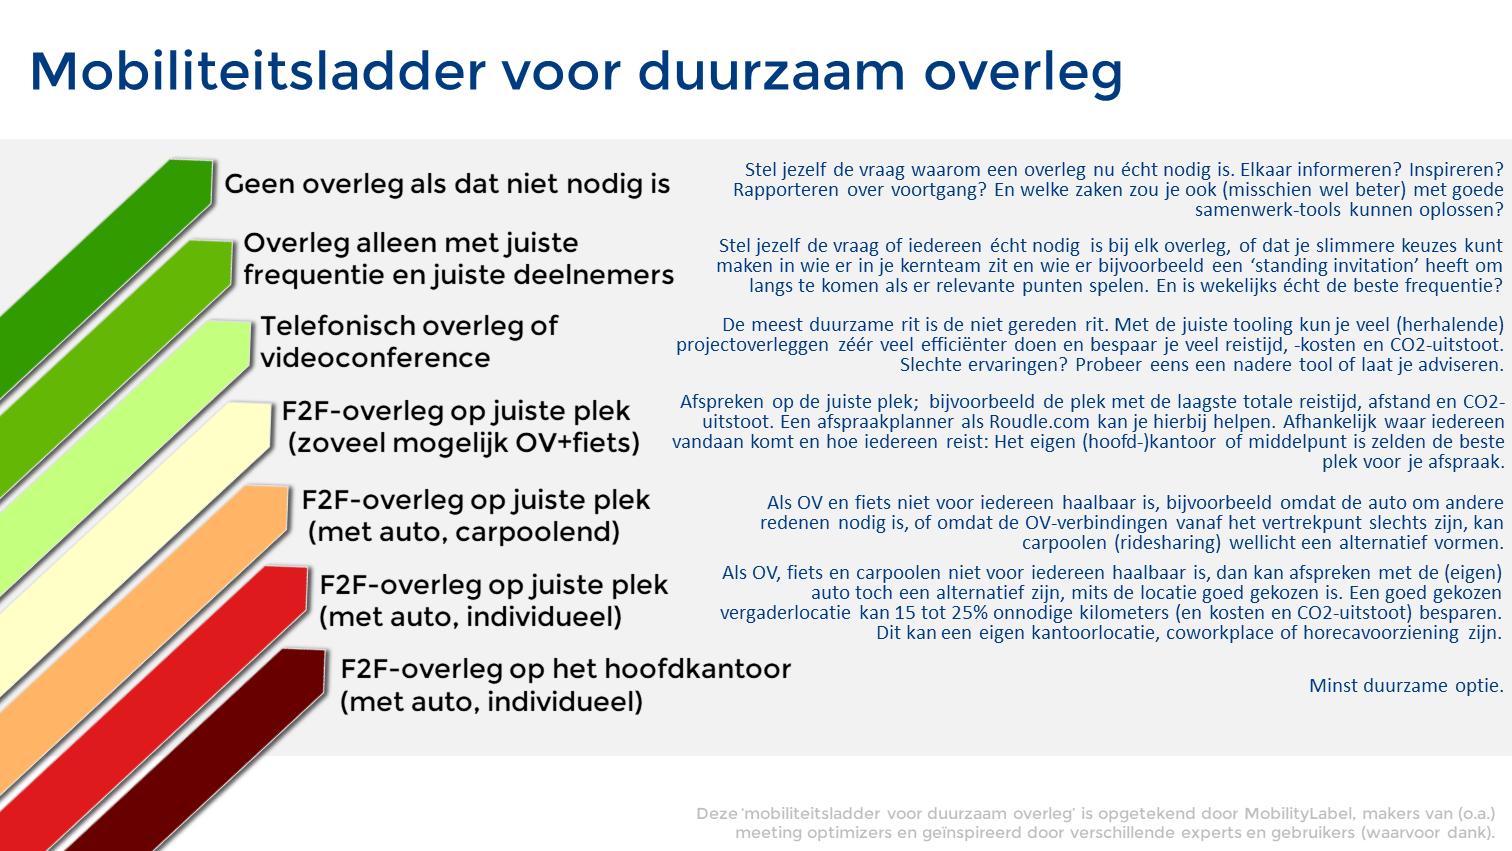 mobiliteitsladder voor duurzaam overleg